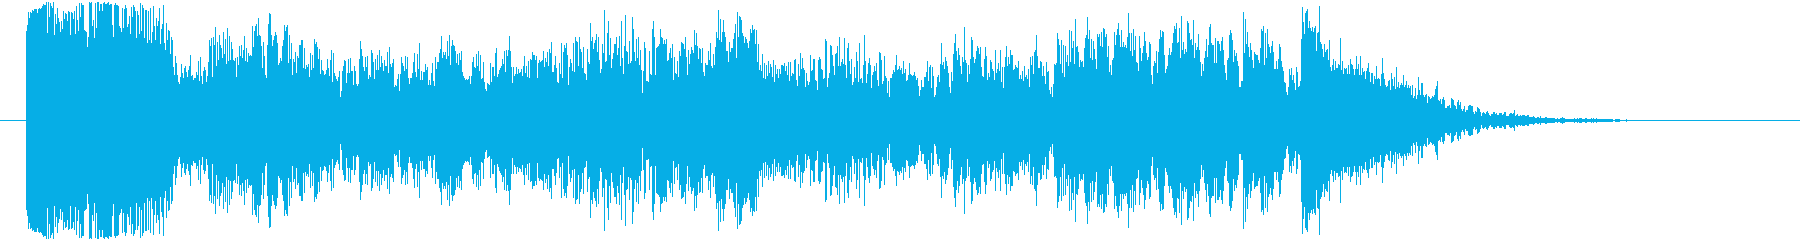 エレクトロ_ハイクオリティージングル_3の再生済みの波形